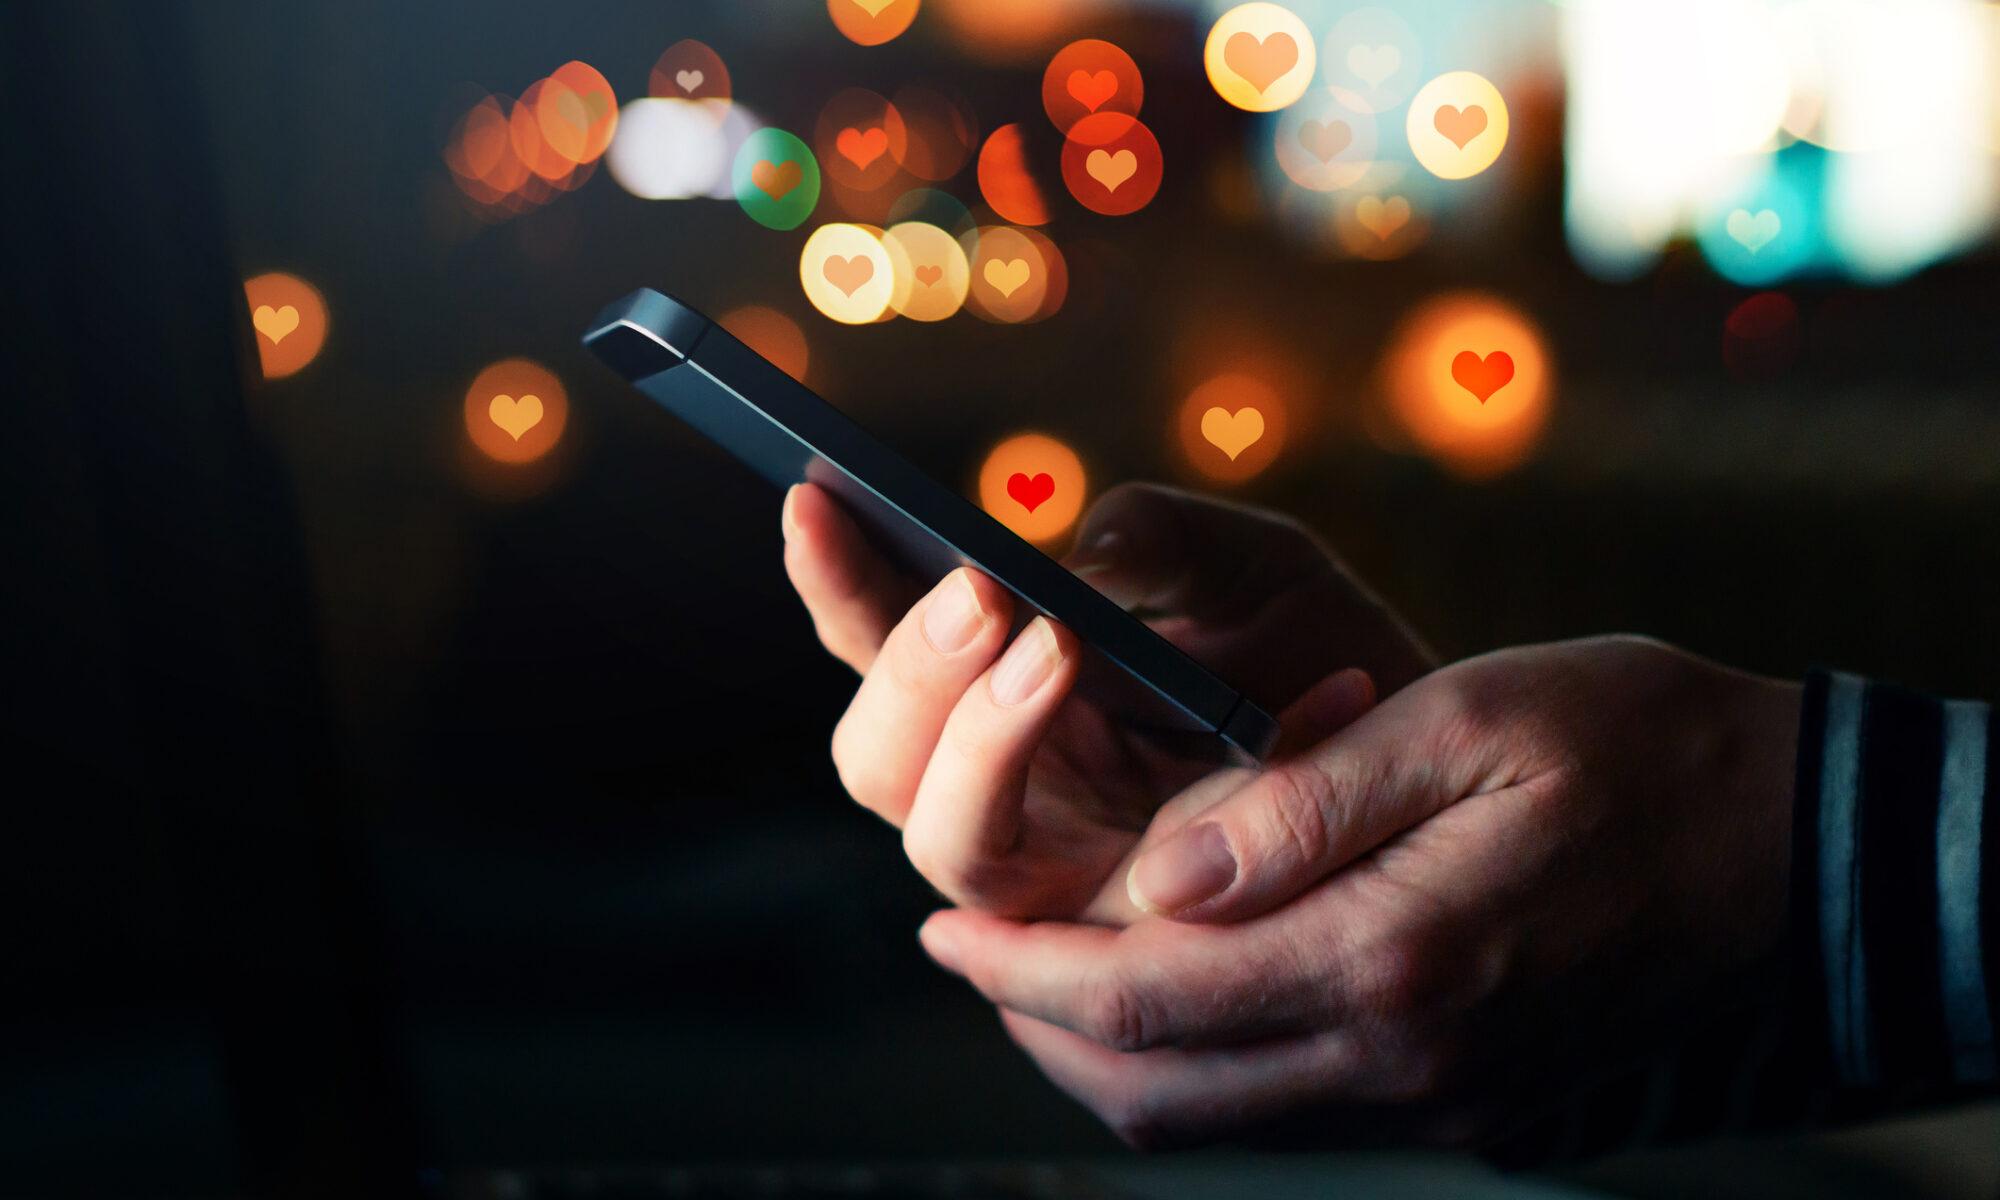 Partenrsuche online mit dem Smartphone